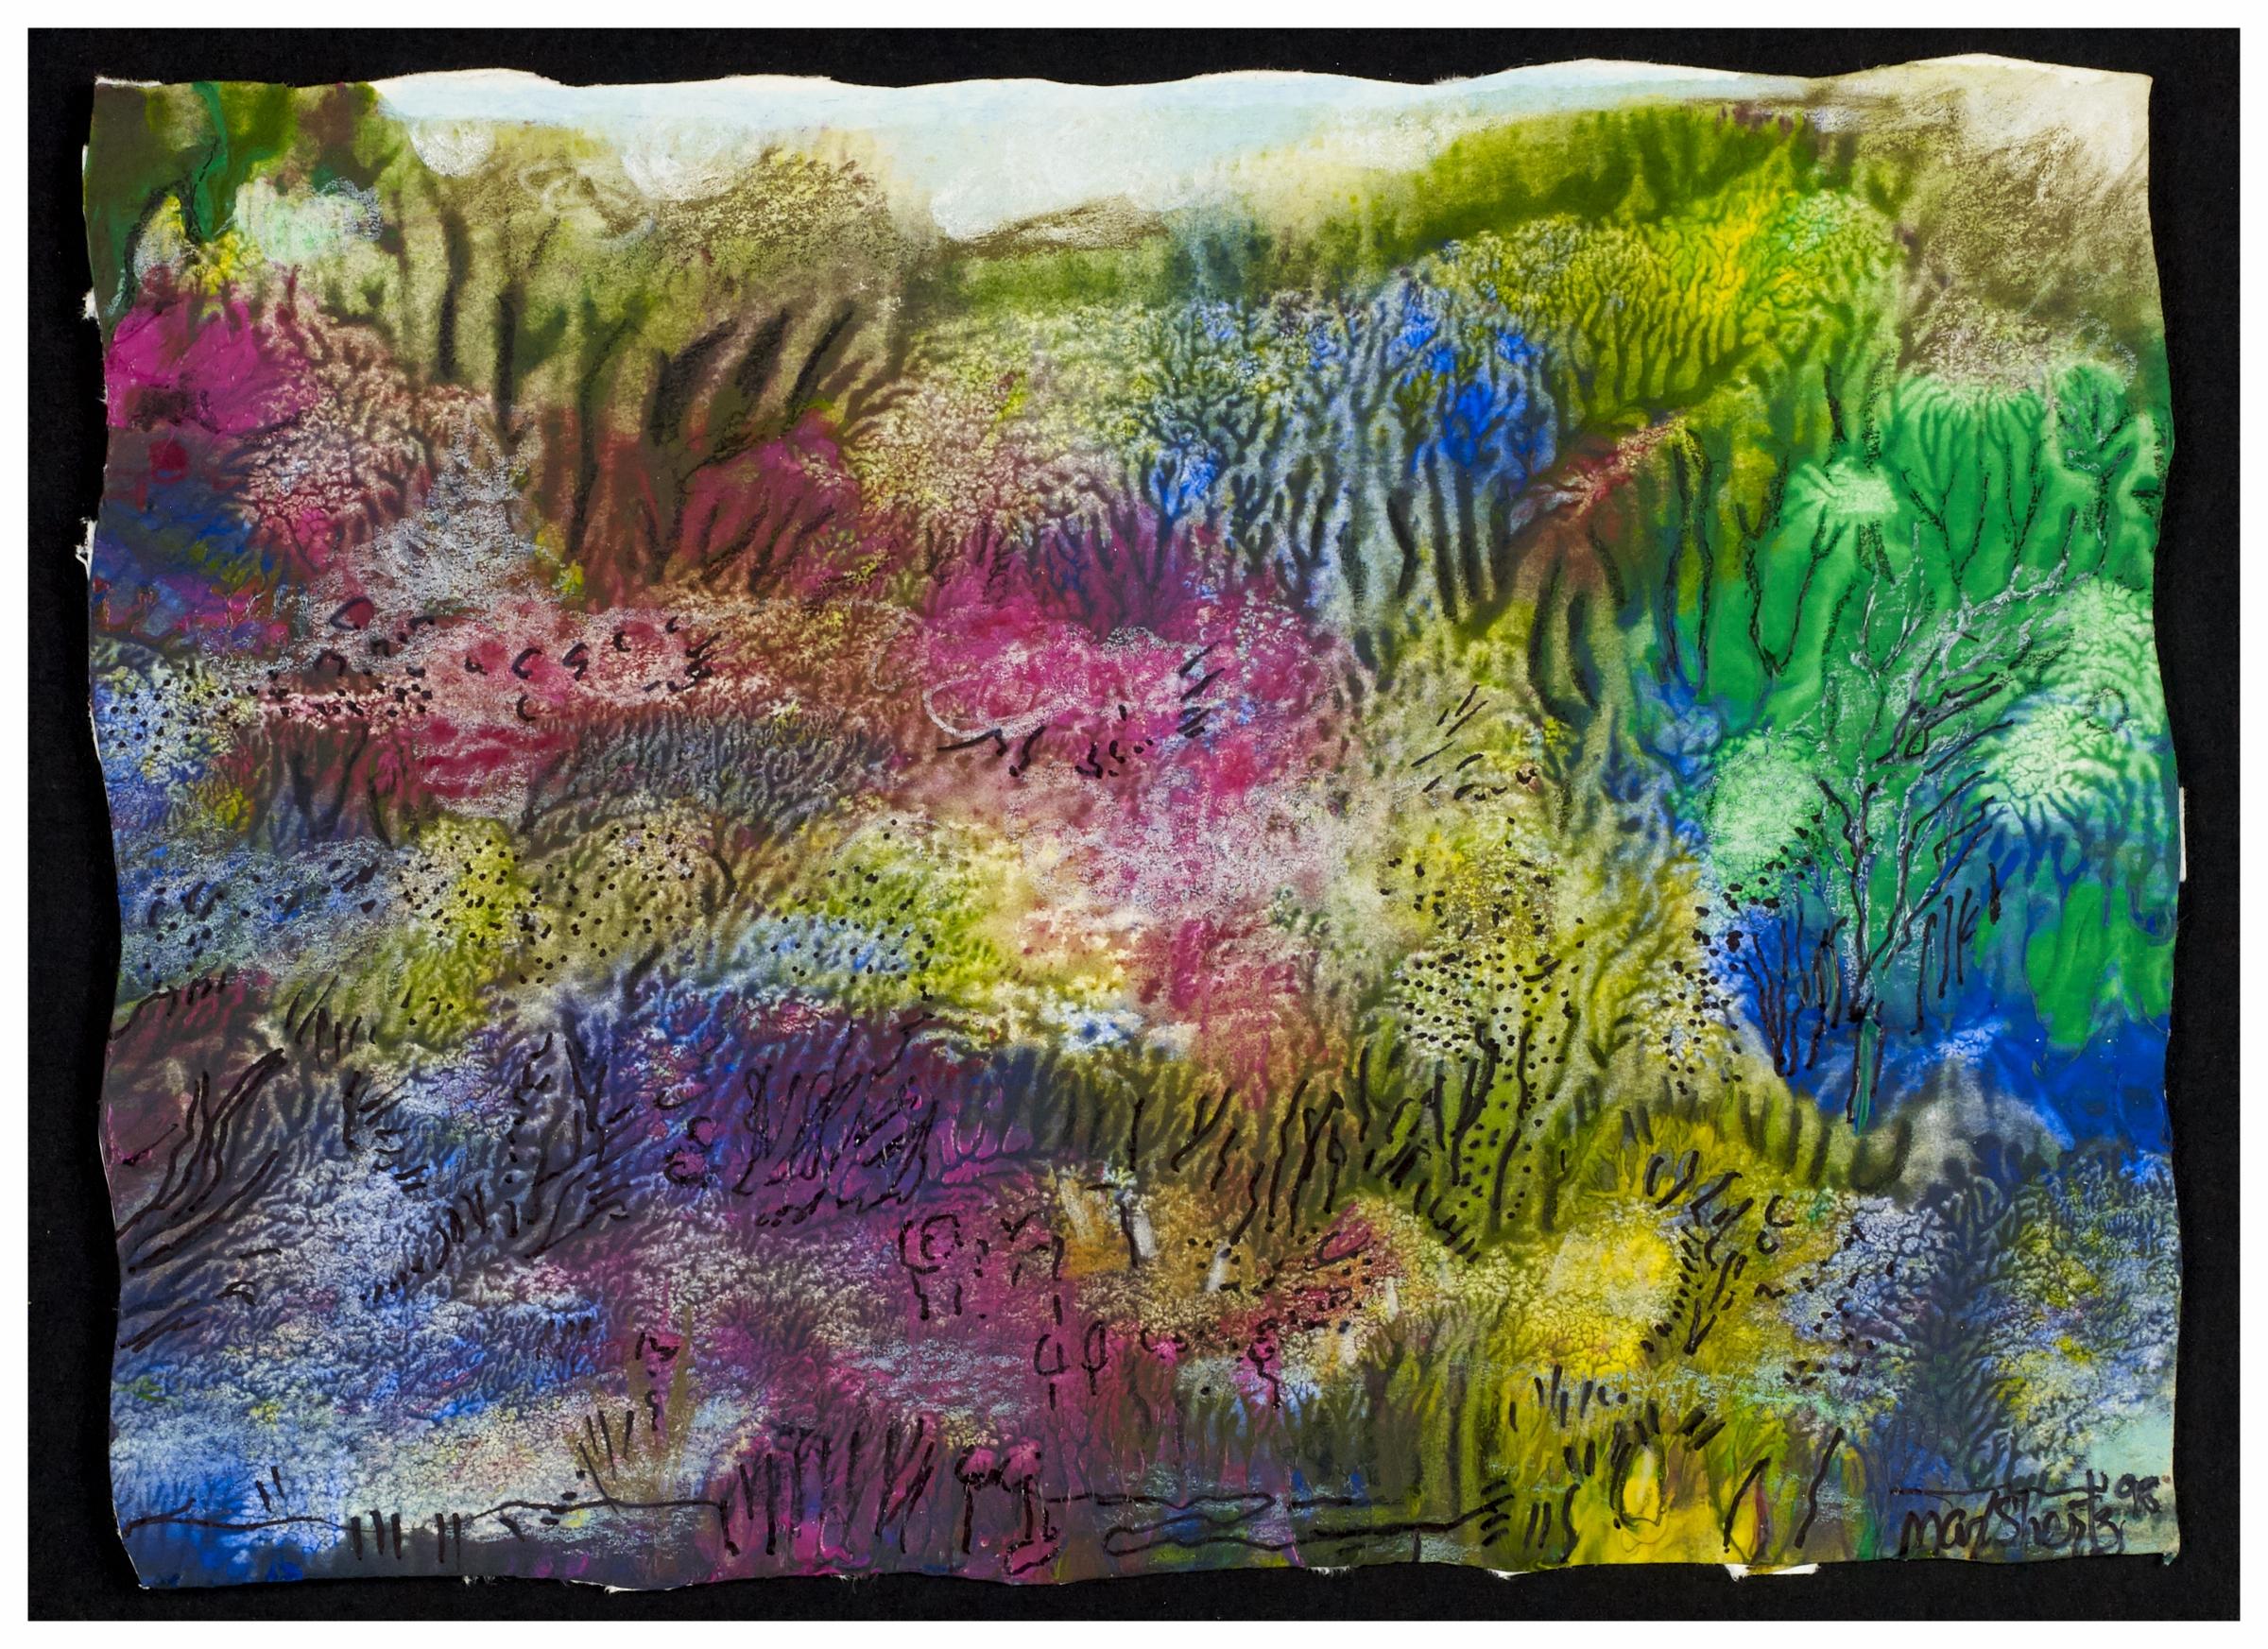 Corals 1998 5x7 Mixed Medium